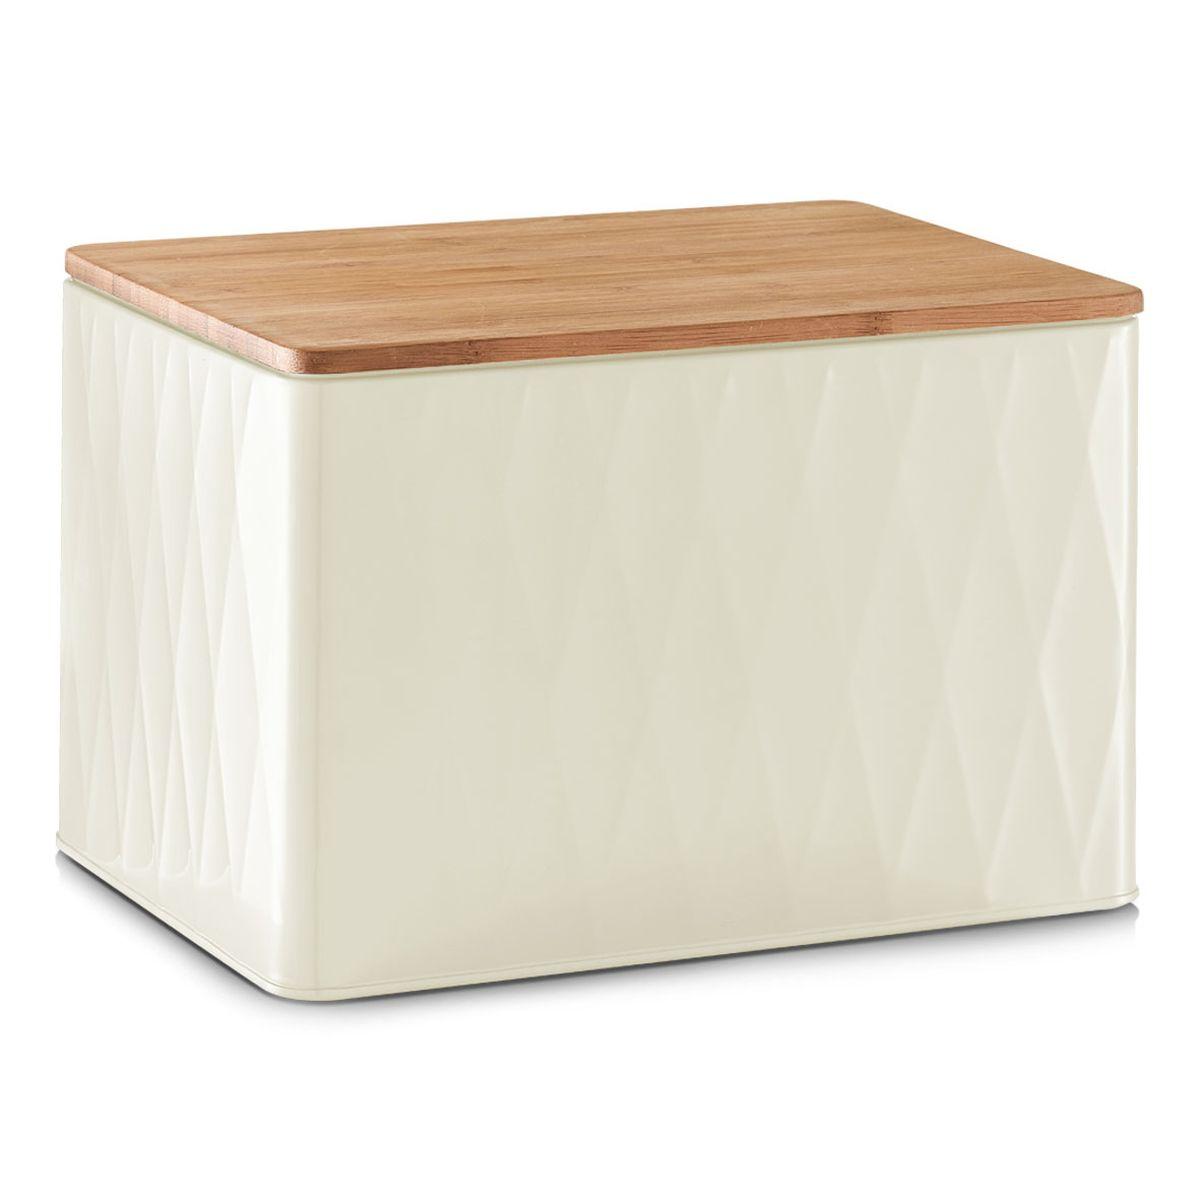 Хлебница Zeller, с разделочной доской, цвет: белый, светло-коричневый, 27,8 х 20,2 х 19 смВетерок 2ГФХлебница Zeller представляет собой контейнер из металла с крышкой. Крышка выполнена из дерева, которая также служит разделочной доской. Такая хлебница позволит сохранить ваш хлеб свежим и вкусным.